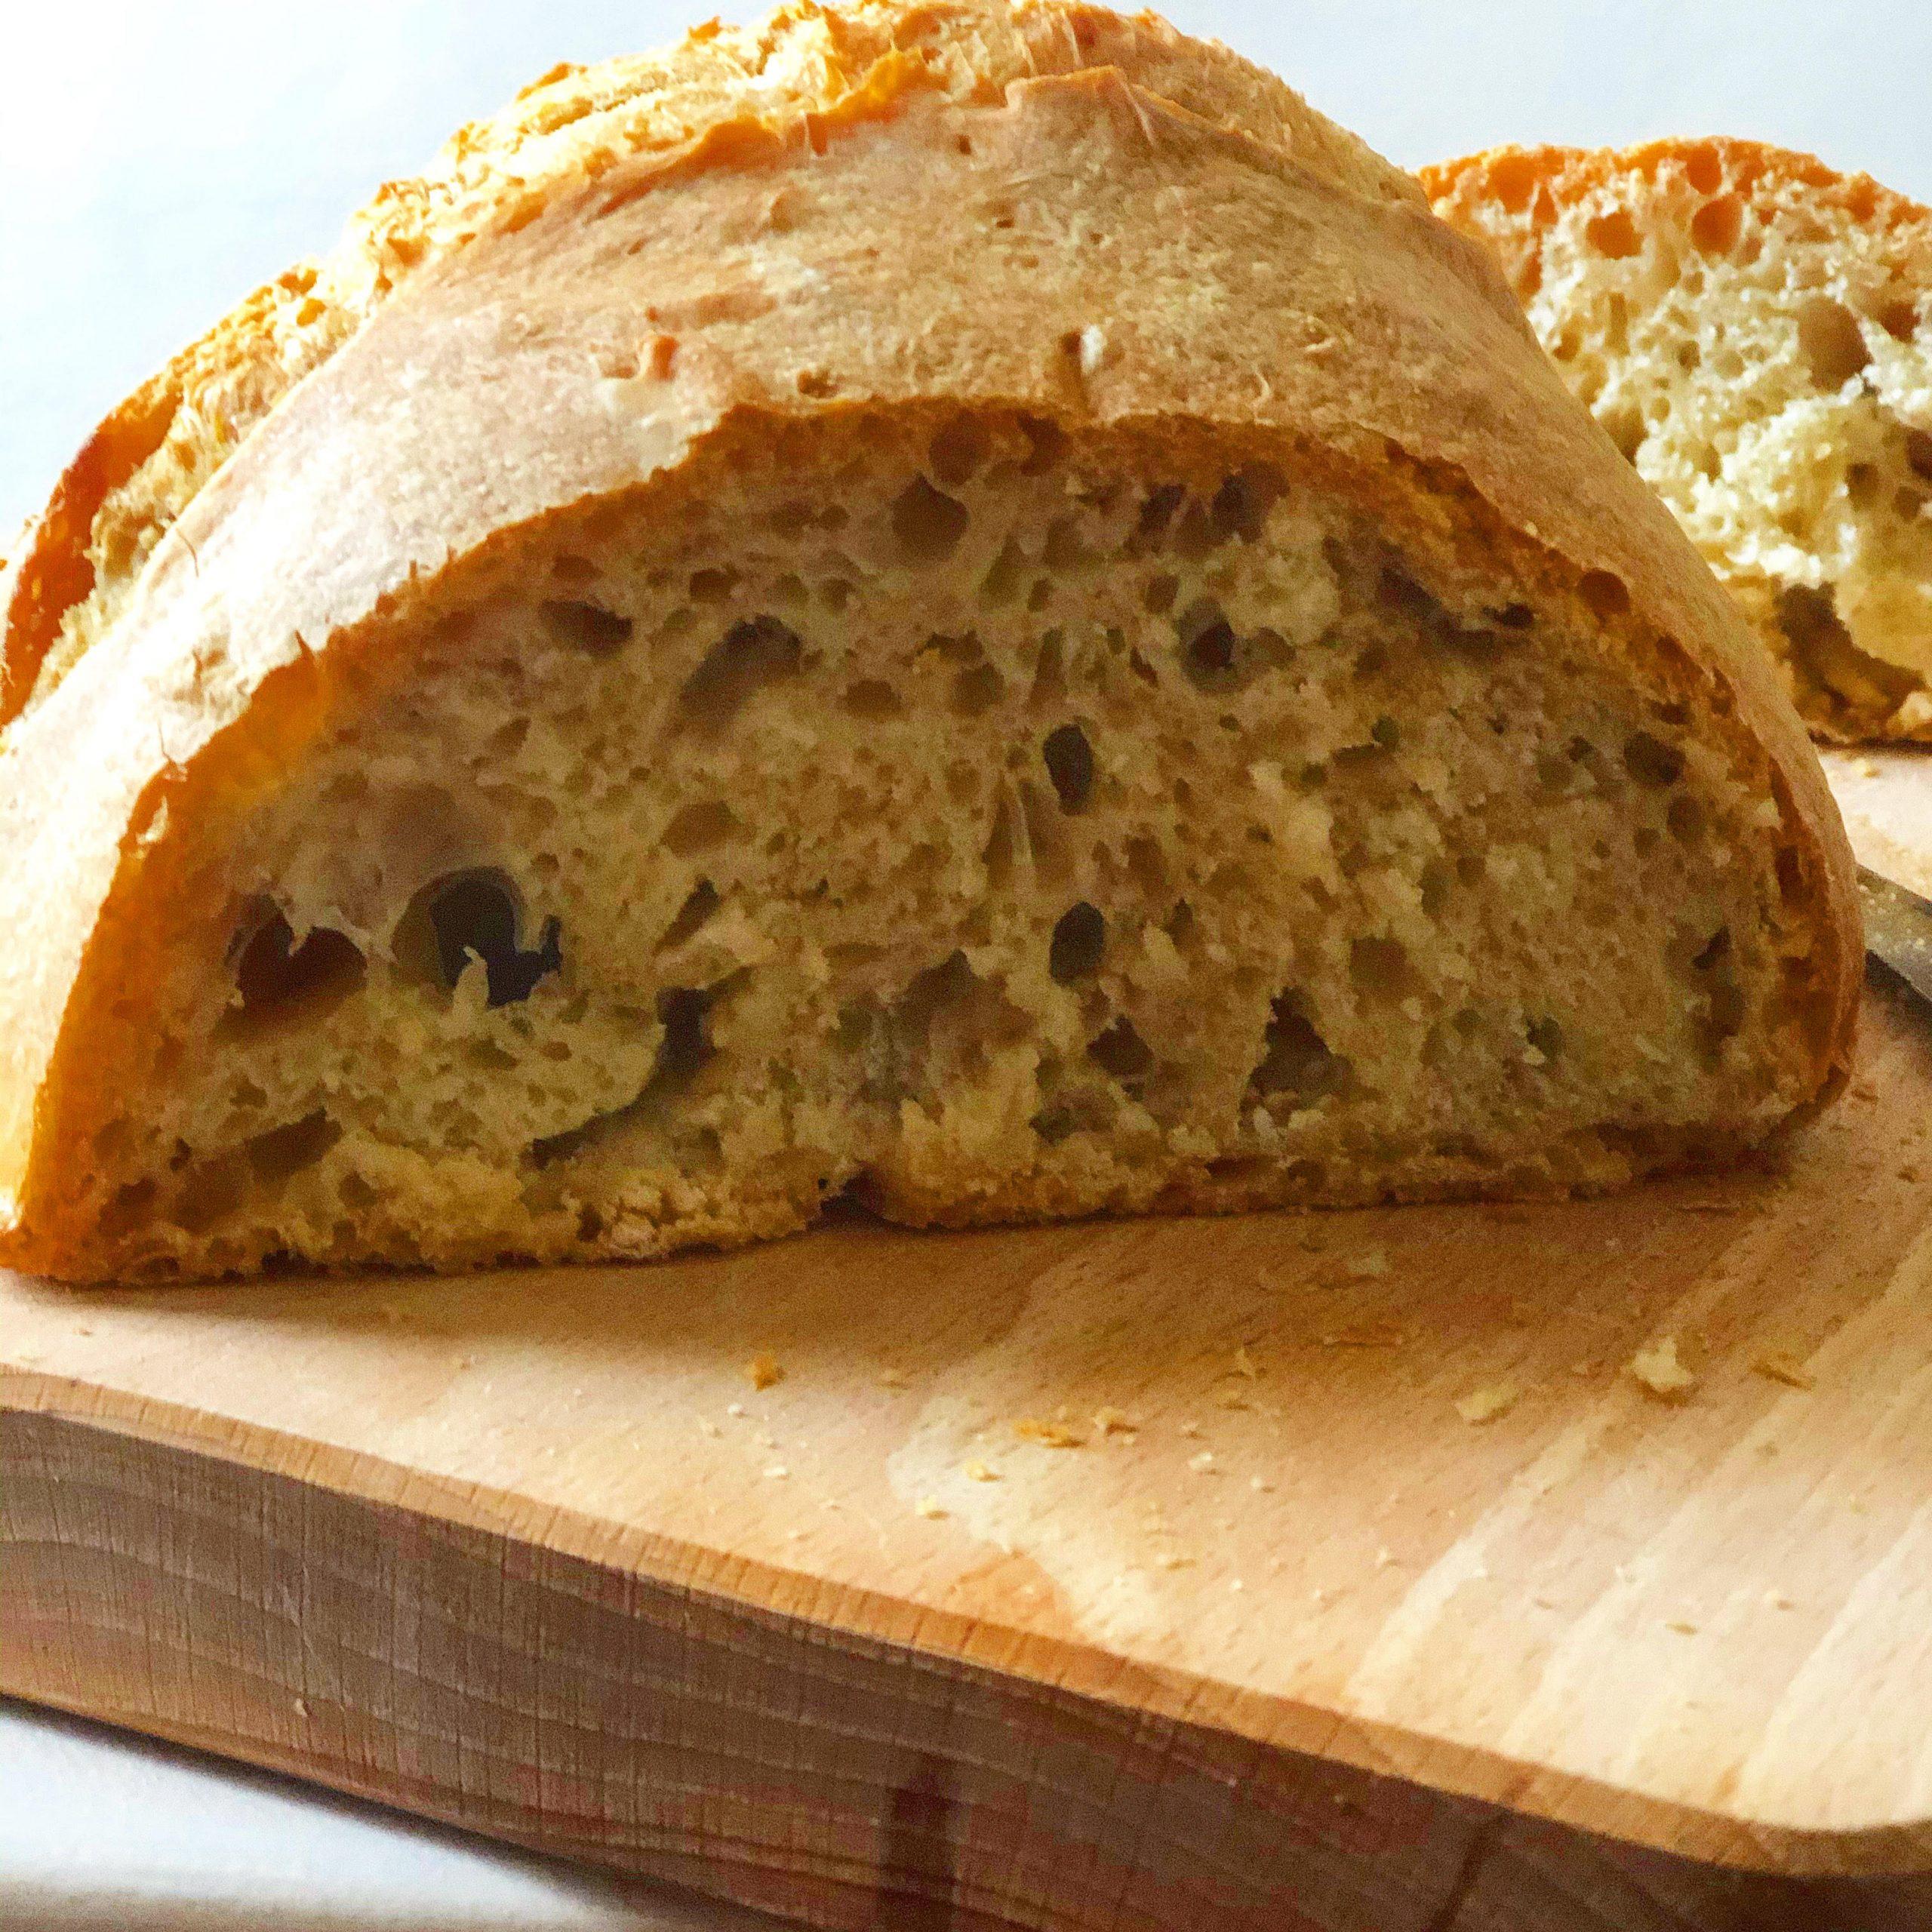 sai perché il pane toscano è insipido?